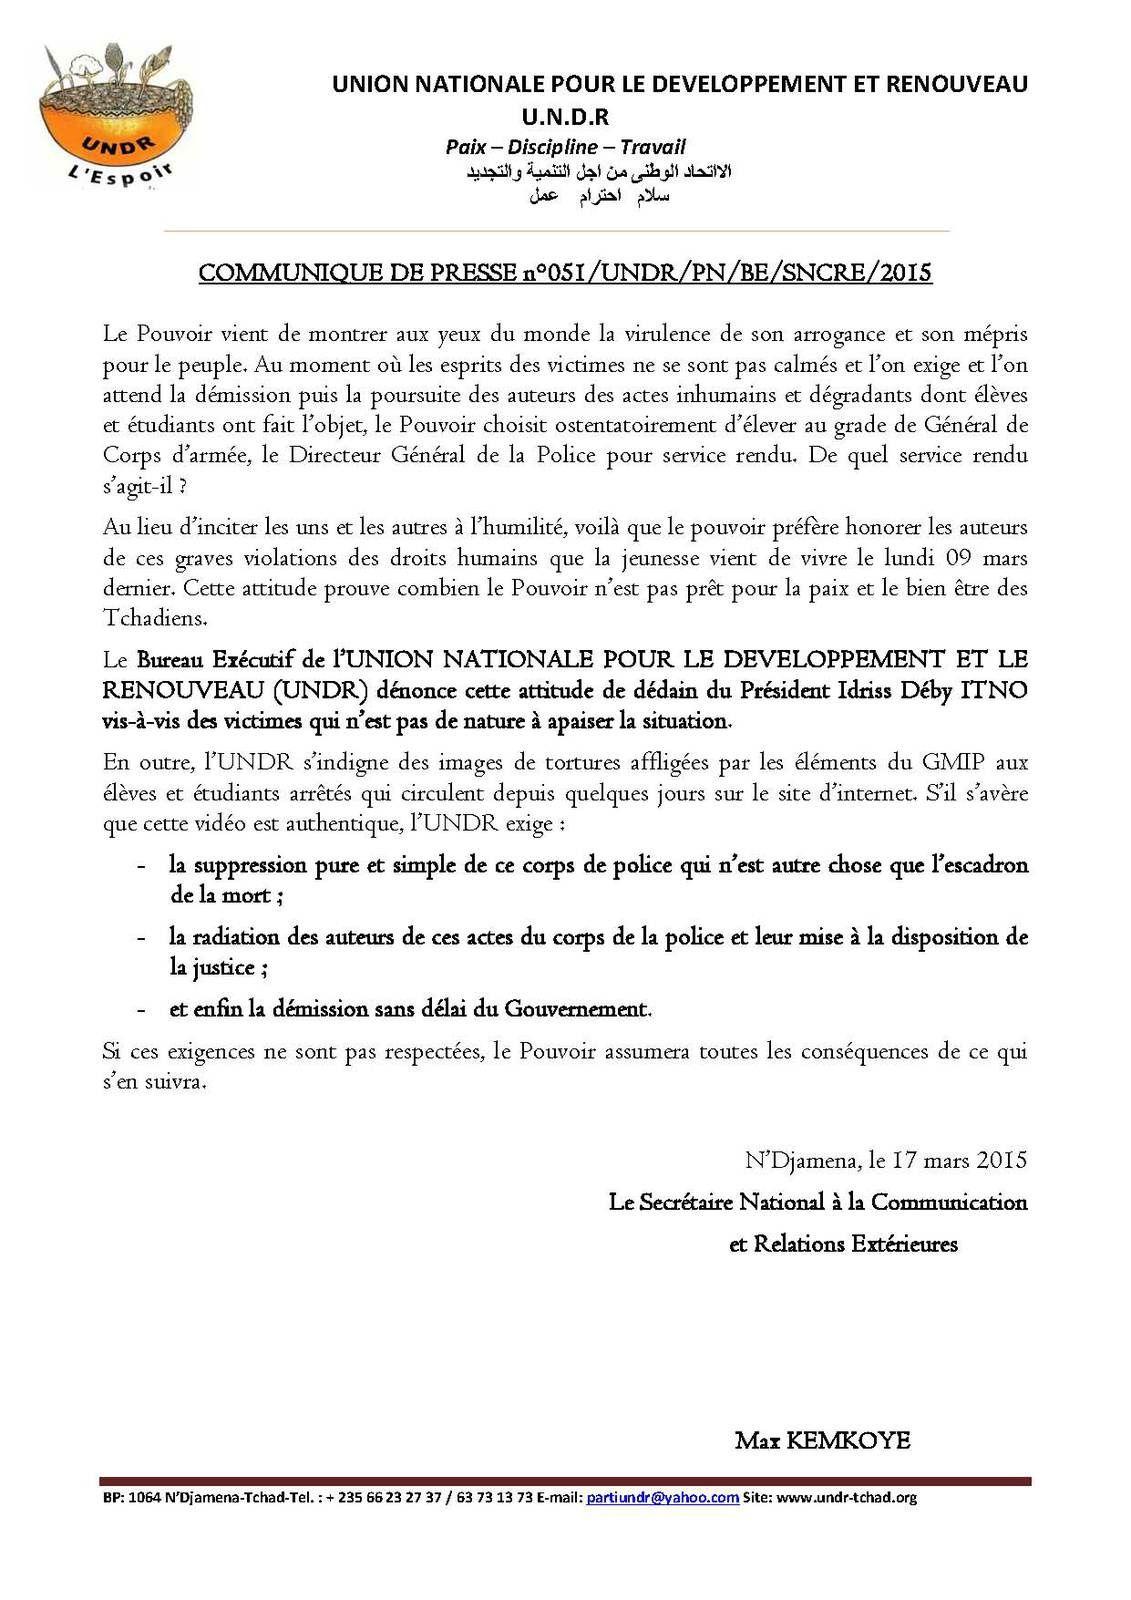 Tchad: l'UNDR dénonce cette attitude de dédain du Président Idriss Déby ITNO